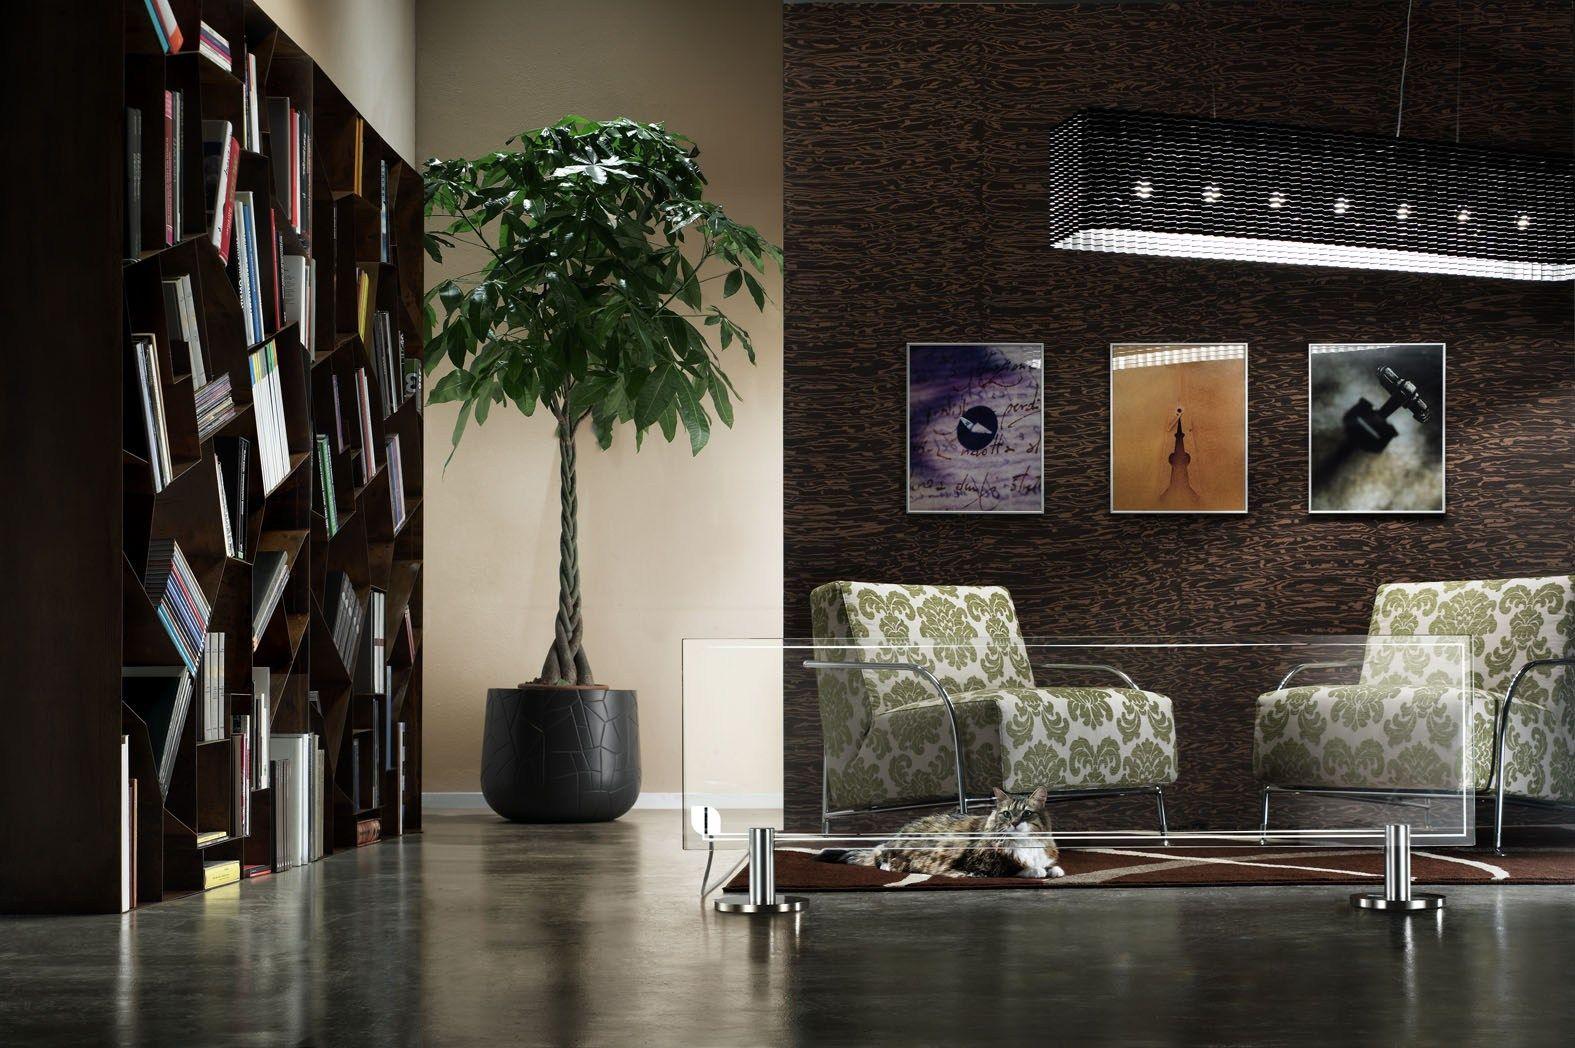 Thermoglance by Asola Vetro - Il radiatore trasparente